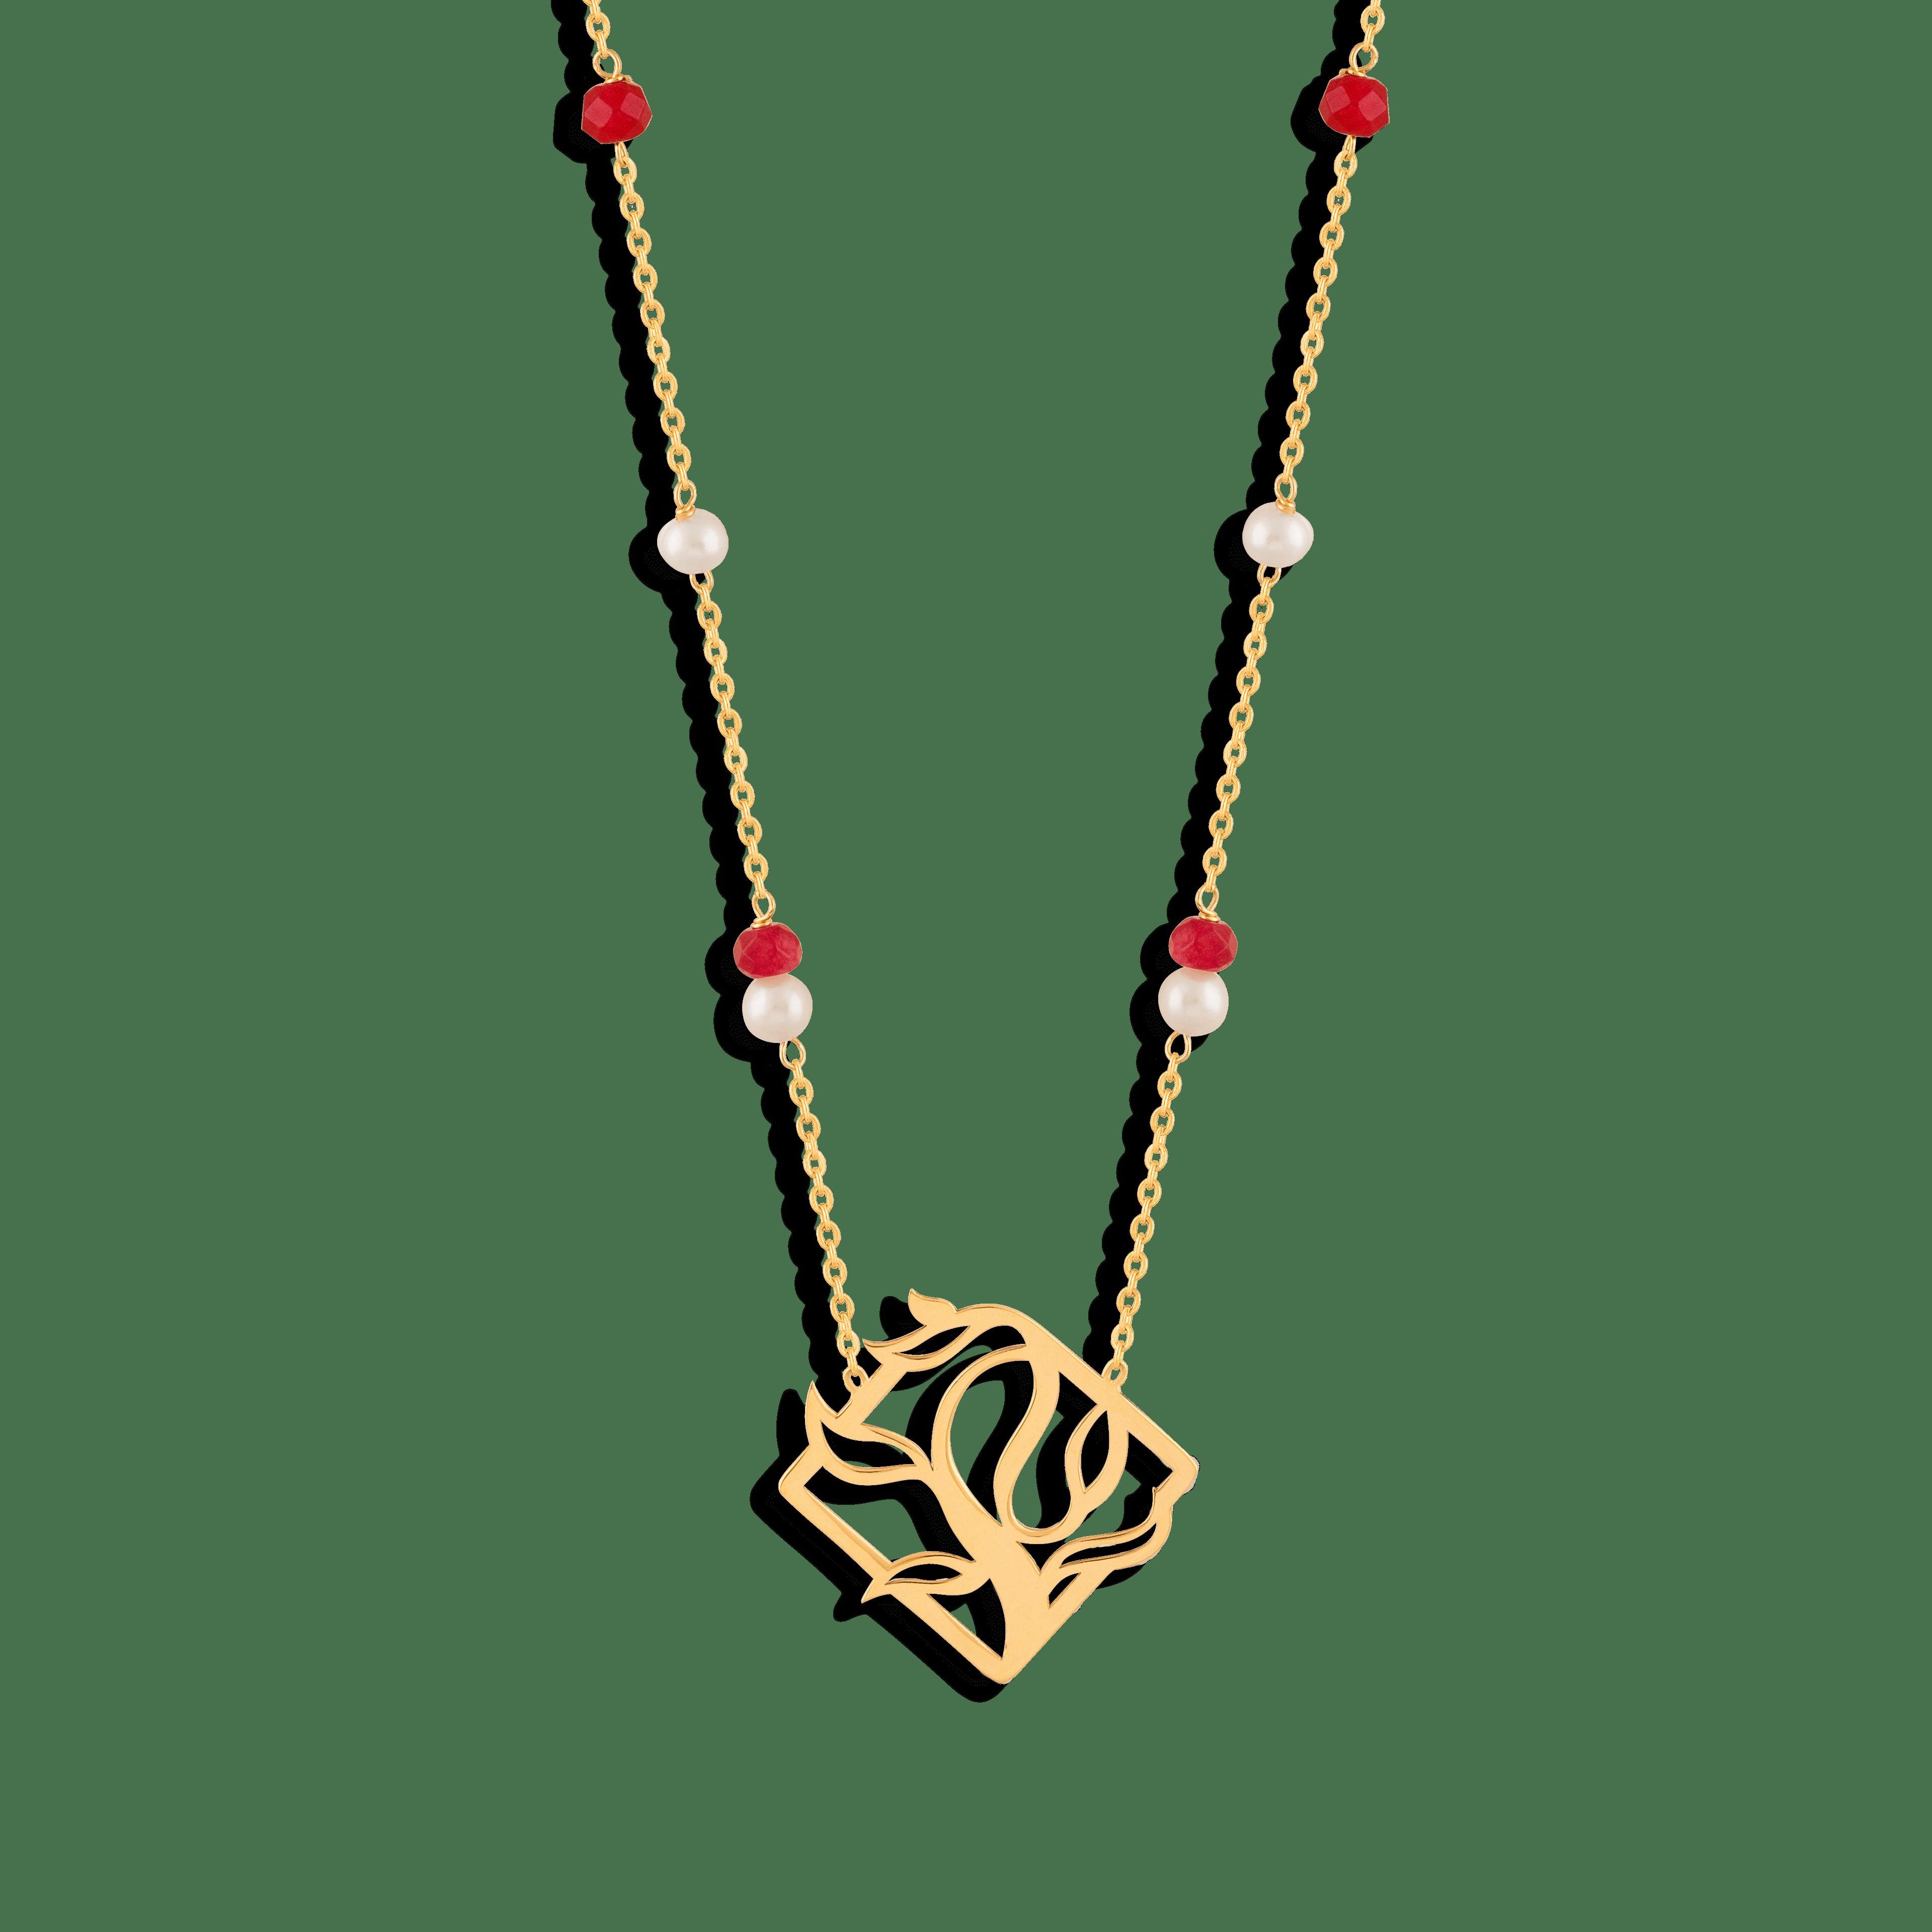 گردنبند طلا درخت